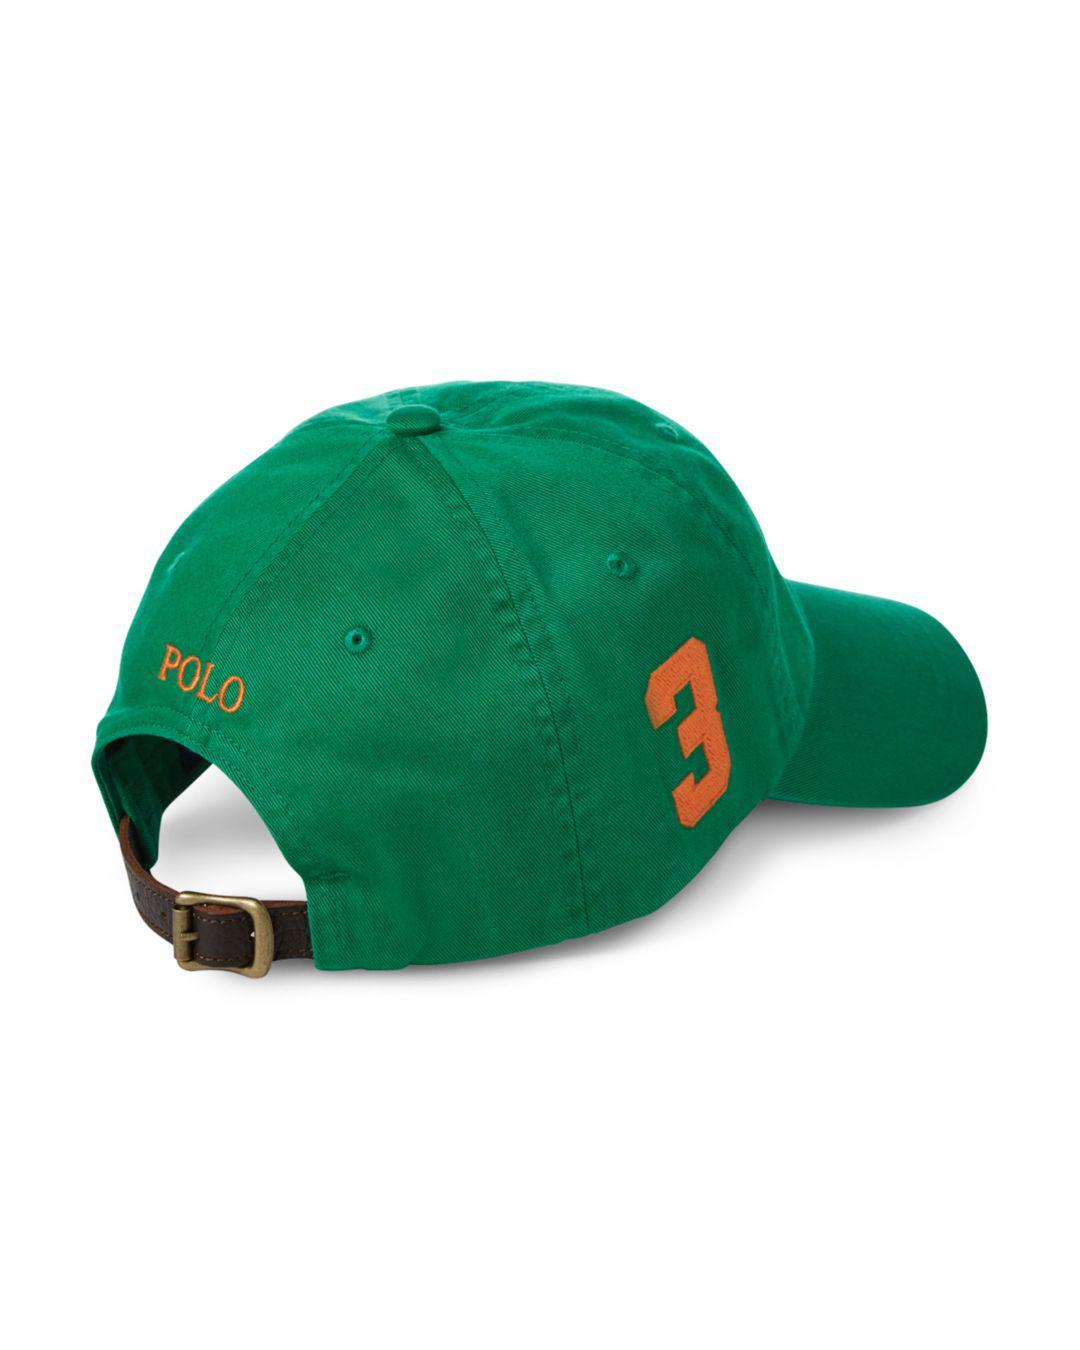 Lyst - Polo Ralph Lauren Classic Sports Cap in Green for Men 1e55b6d0493a